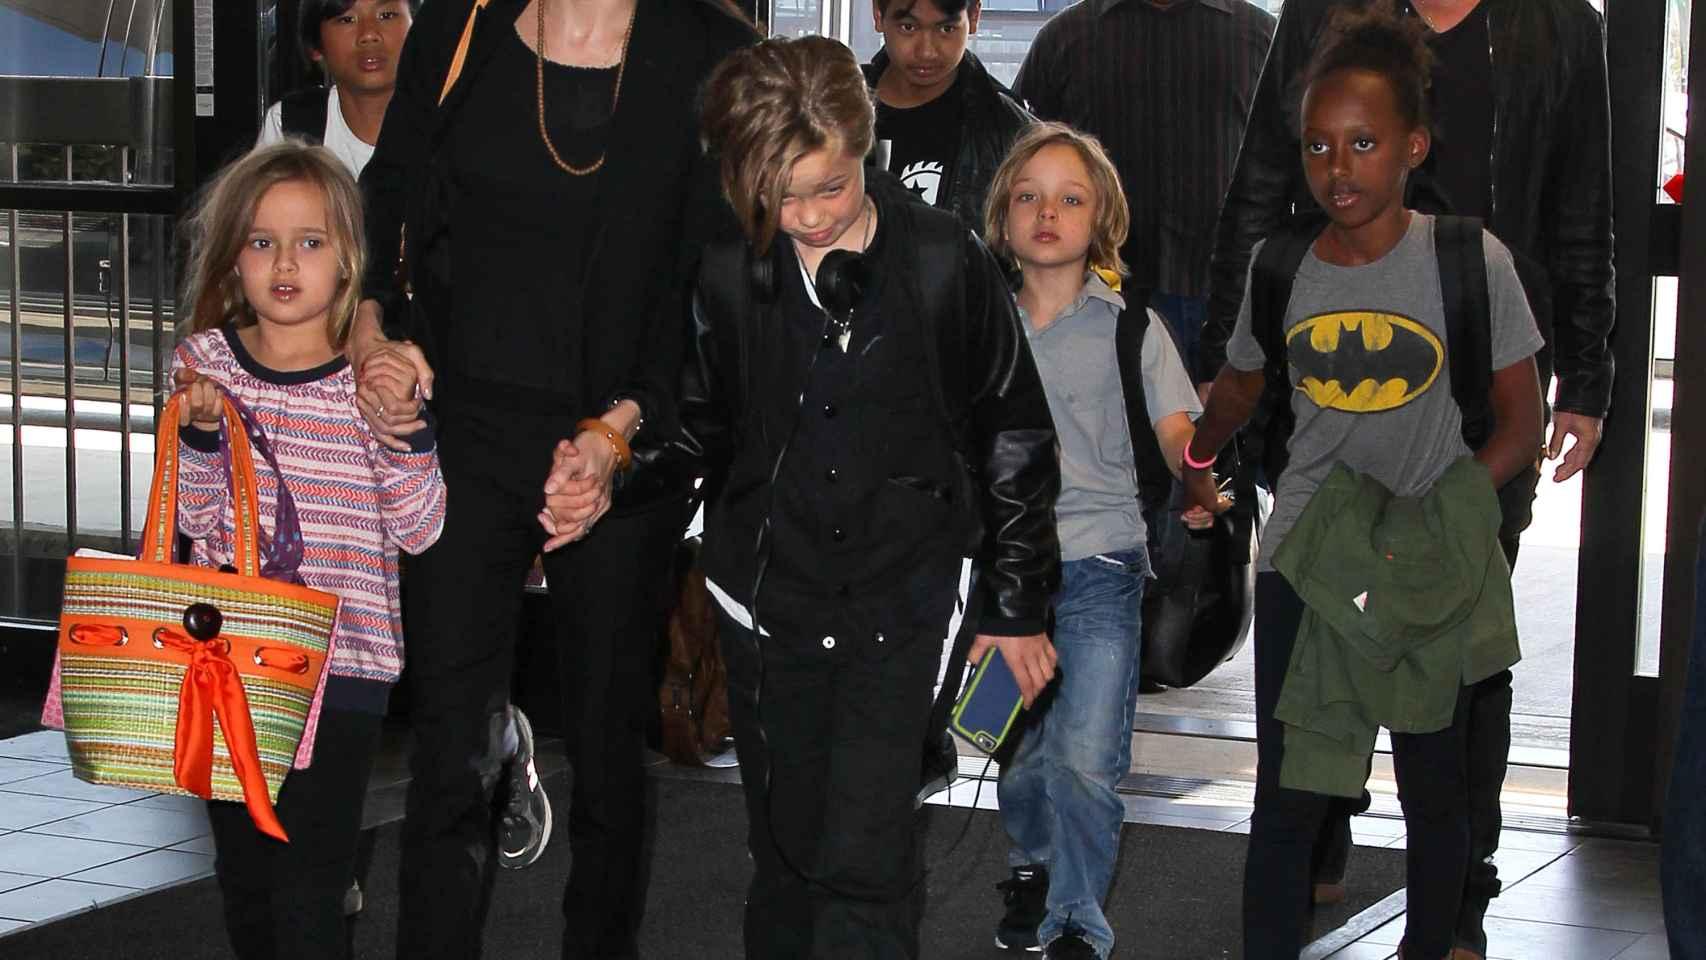 El matrimonio junto a sus seis hijos a la llegada a un aeropuerto.